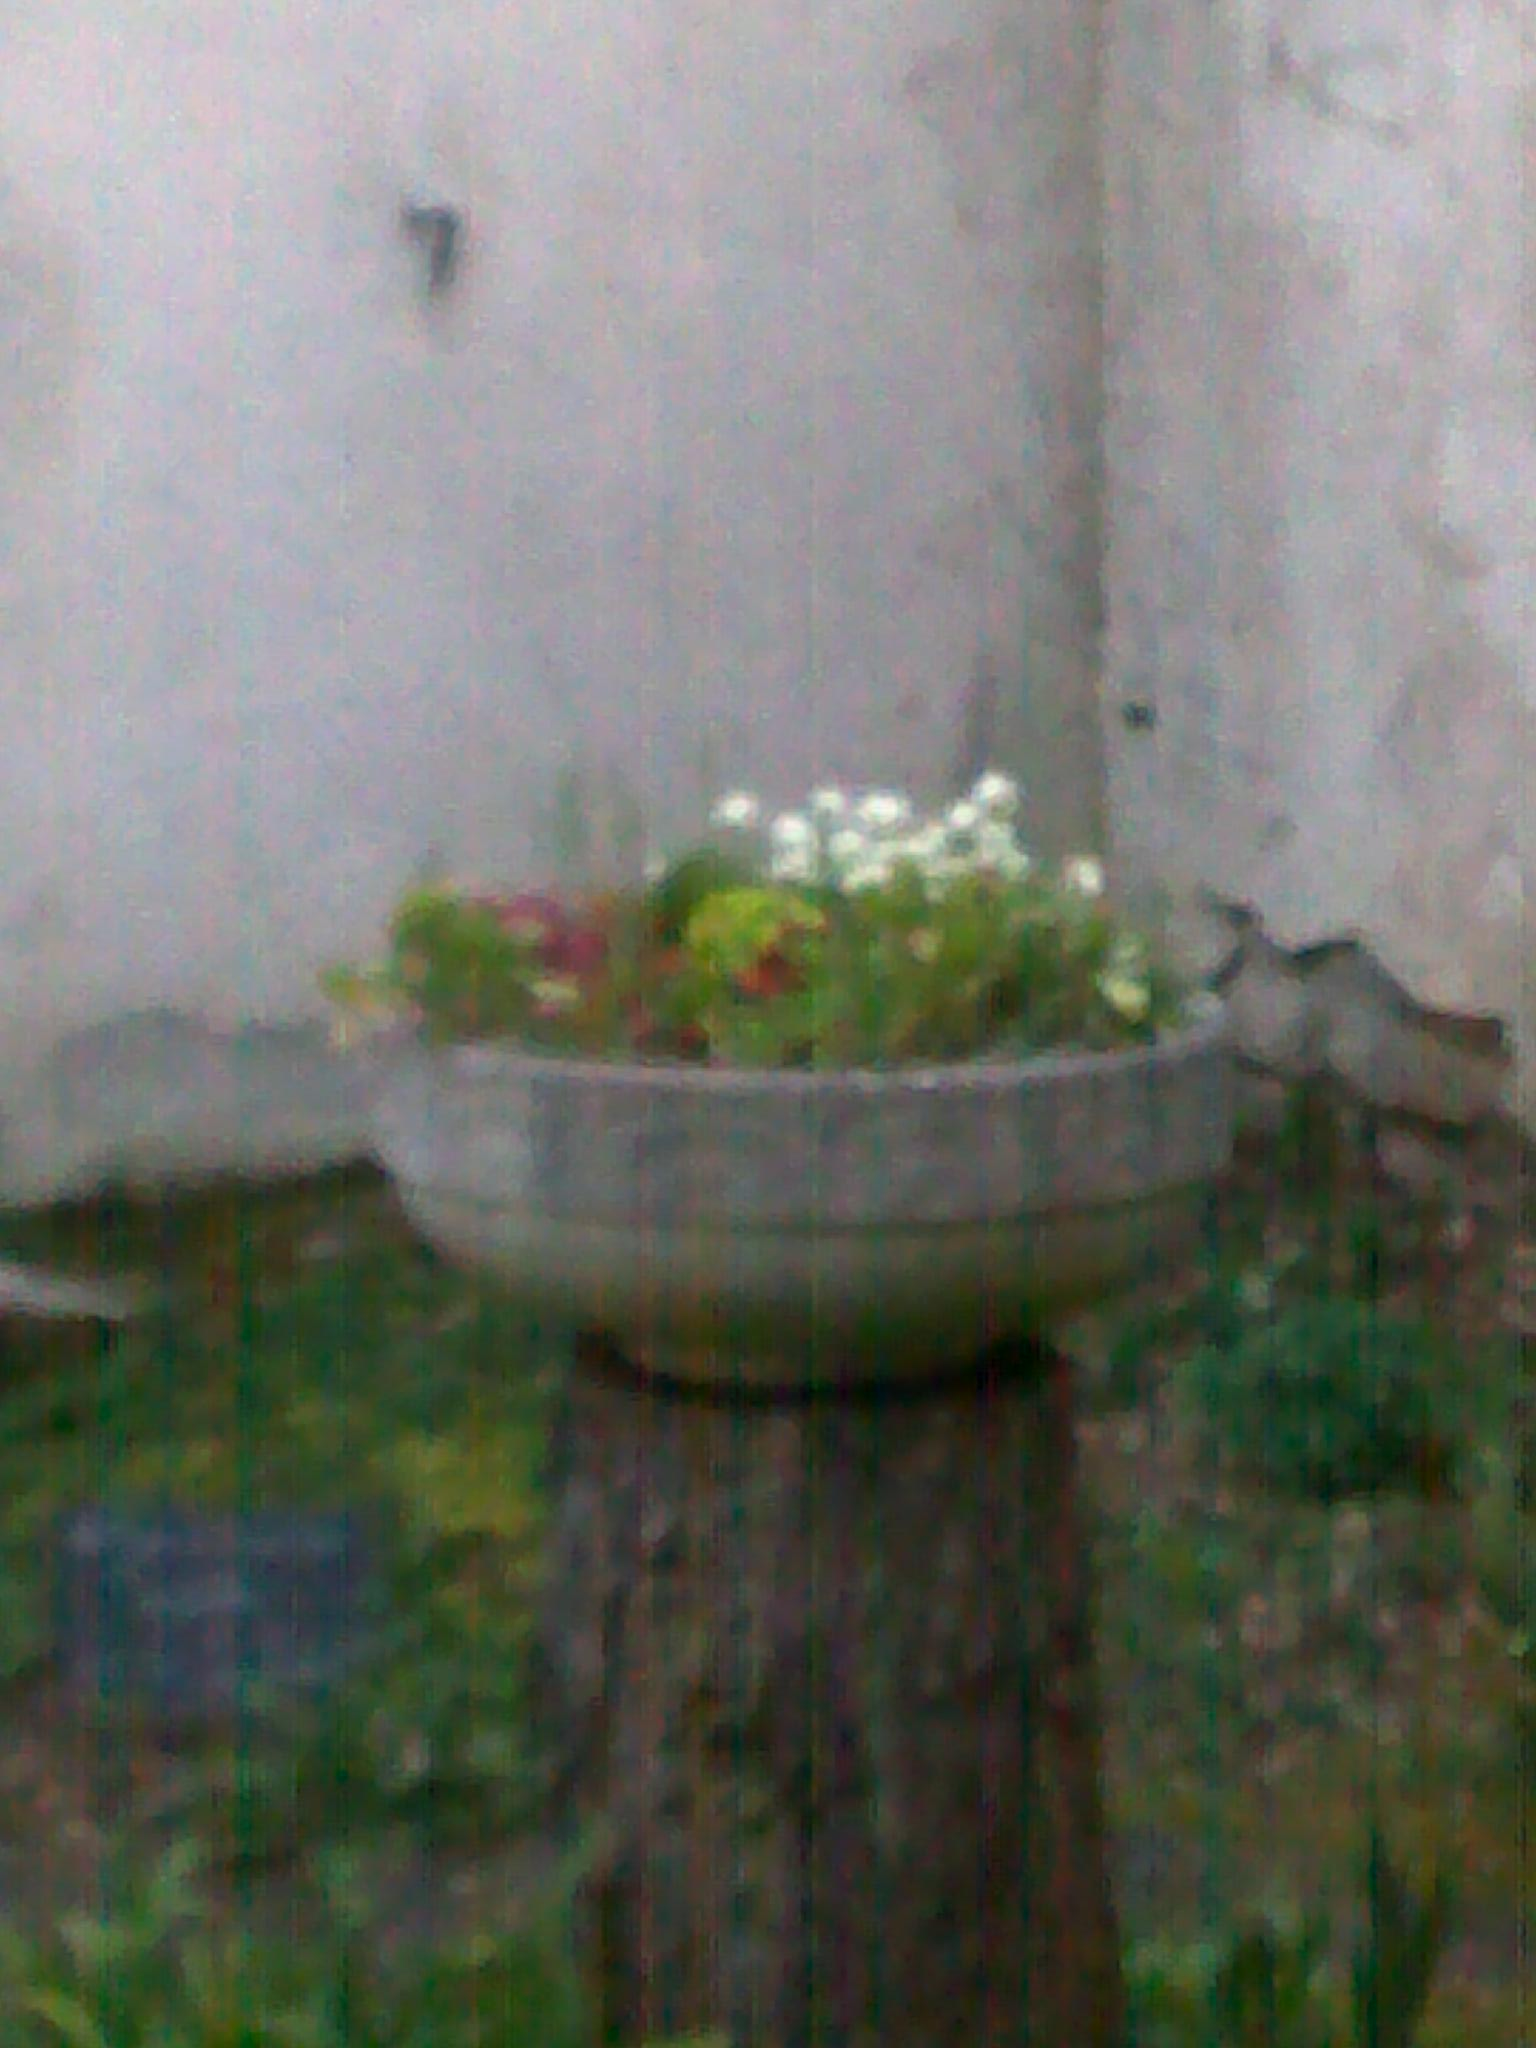 quelques photos de mon jardin 29881614042013139